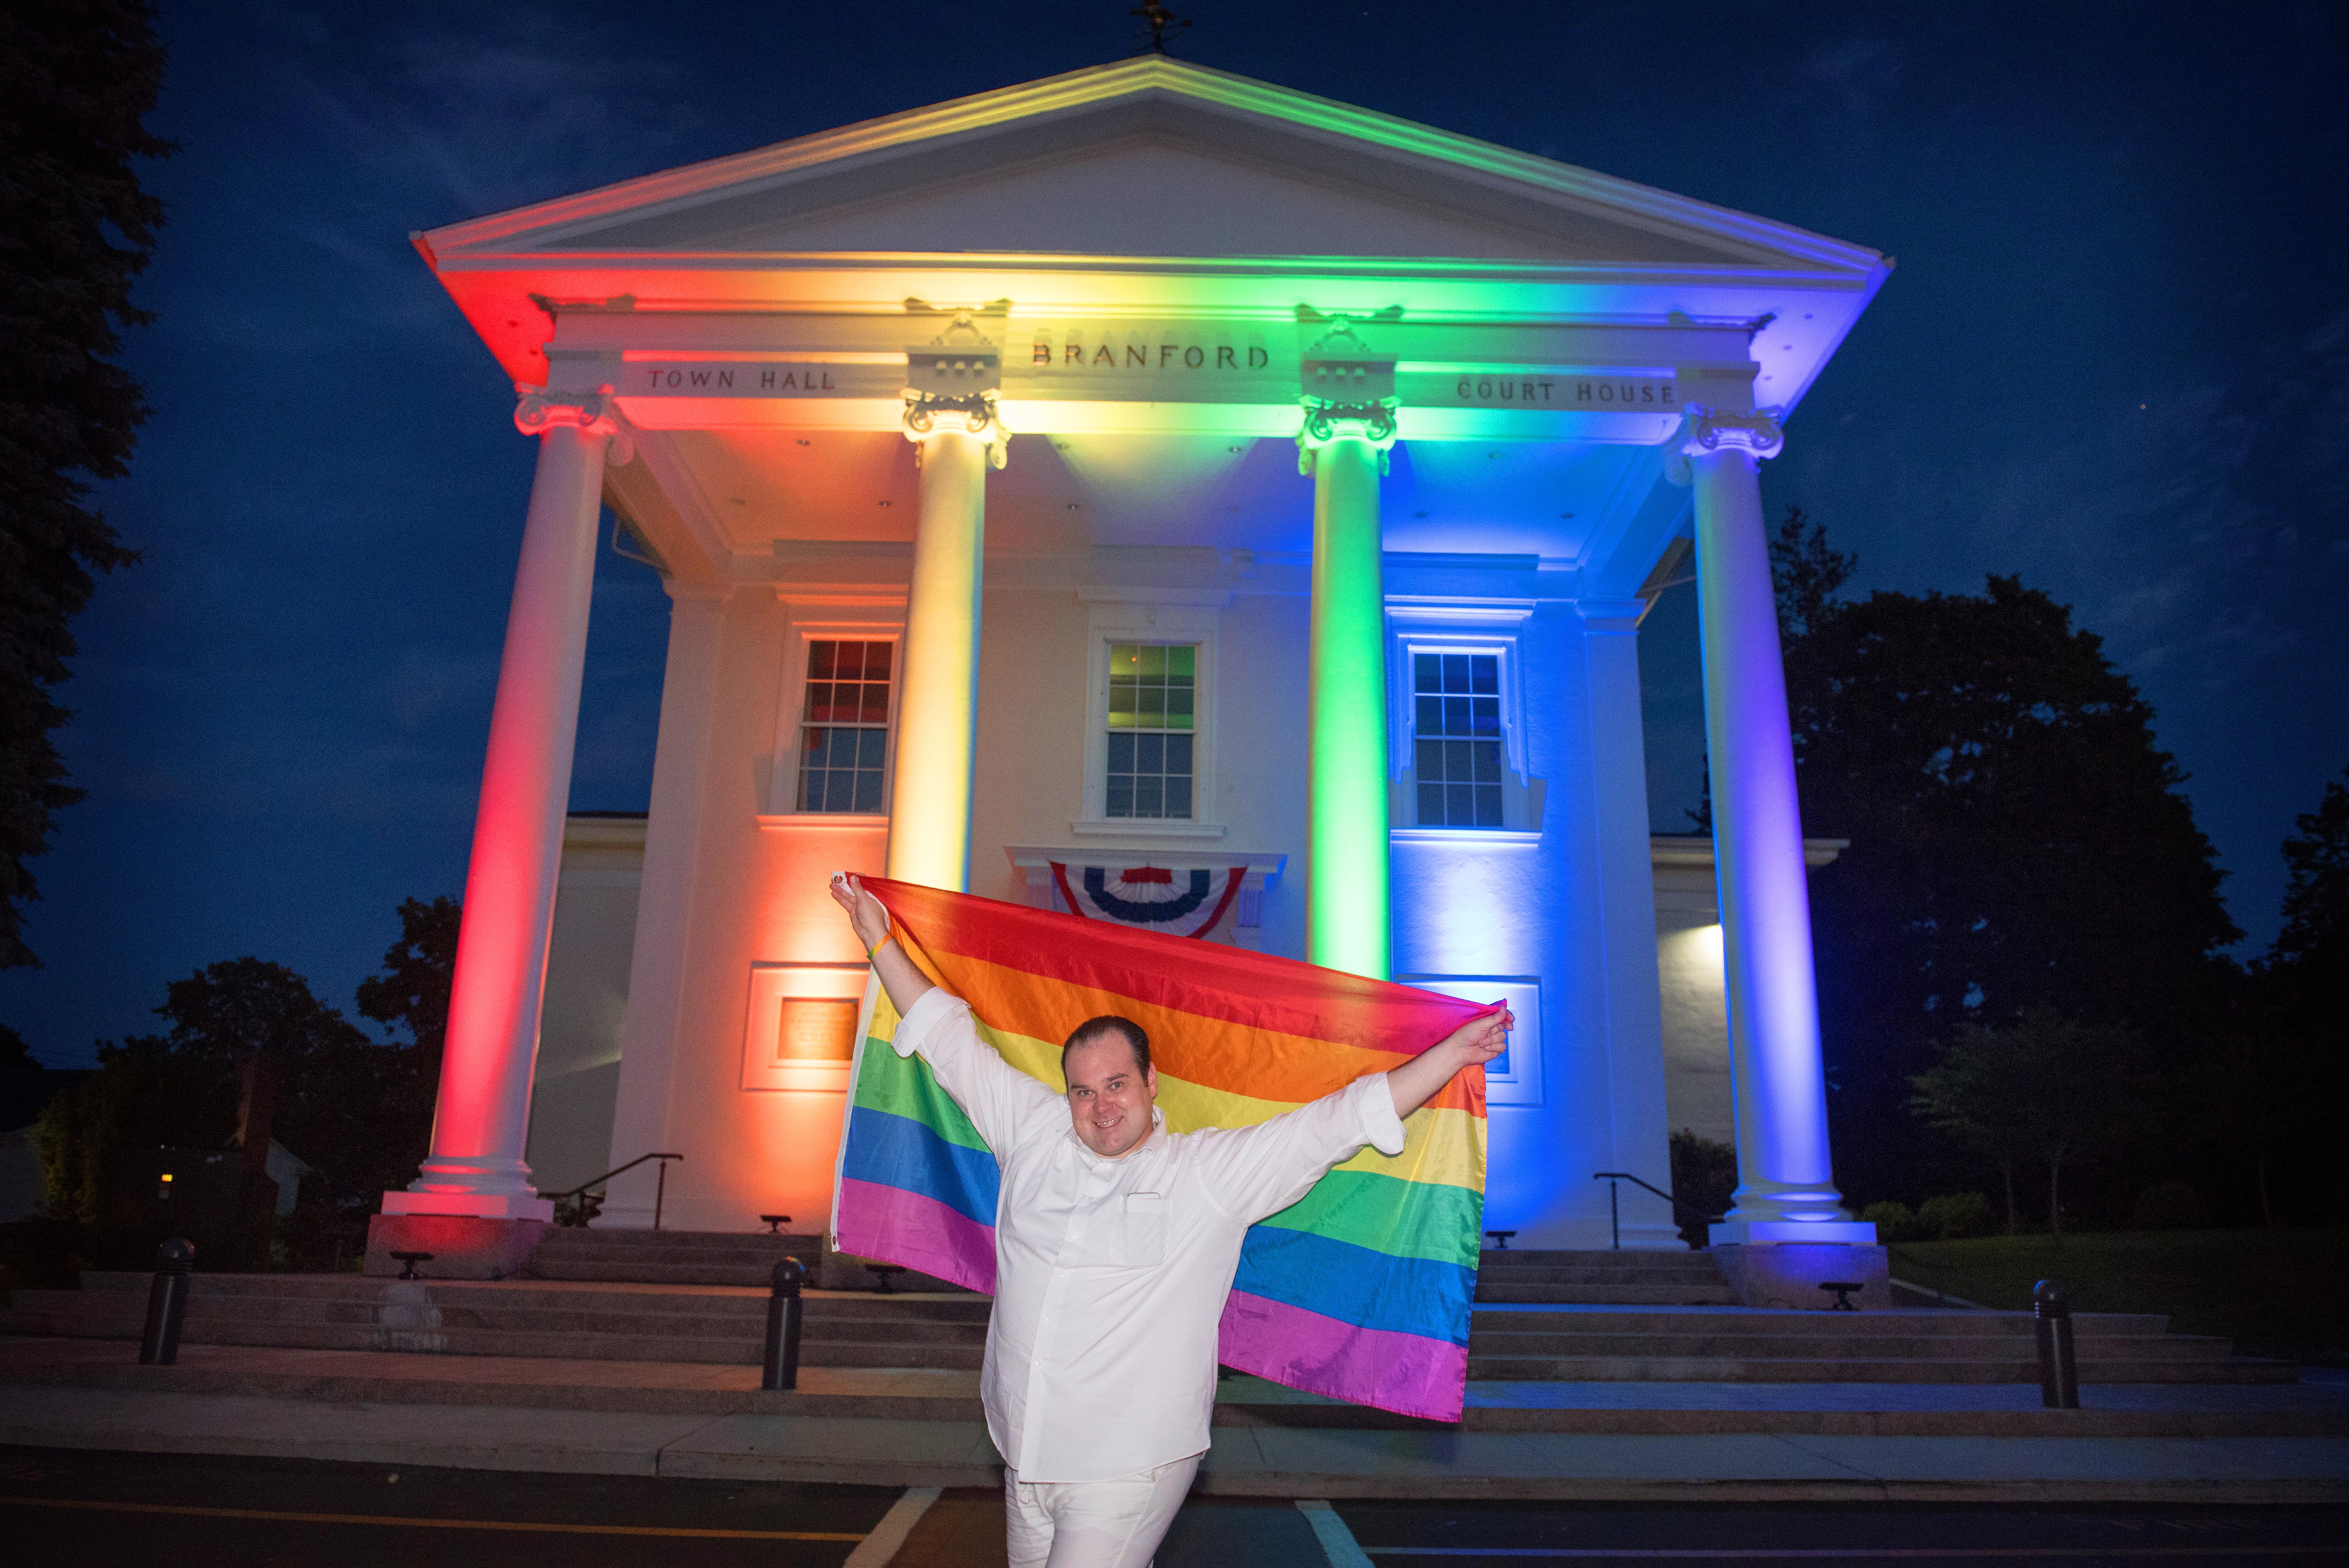 Orlando Pride (Branford, CT)